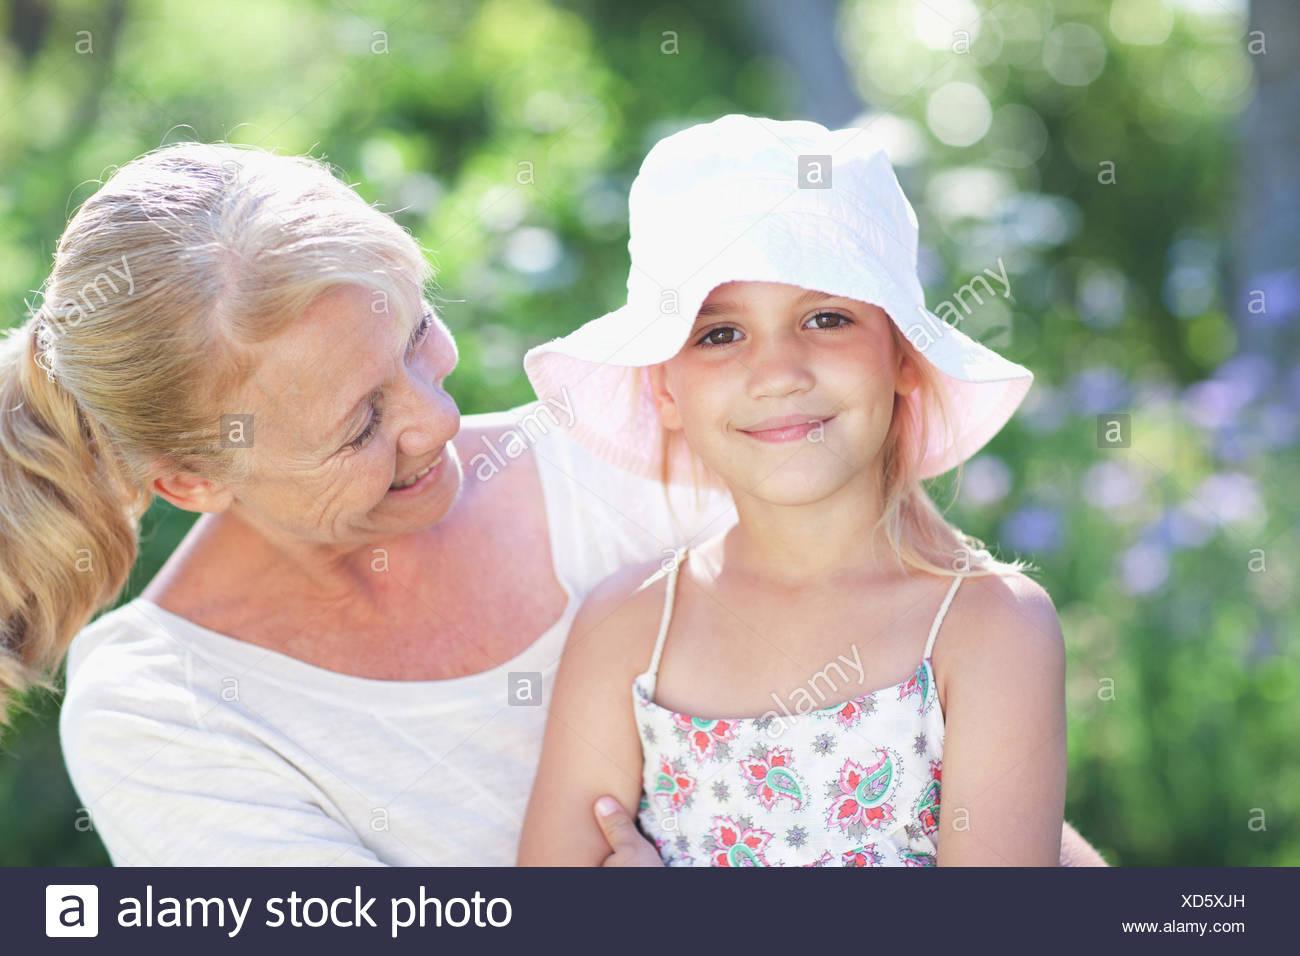 Nonna e nipote all'aperto Immagini Stock